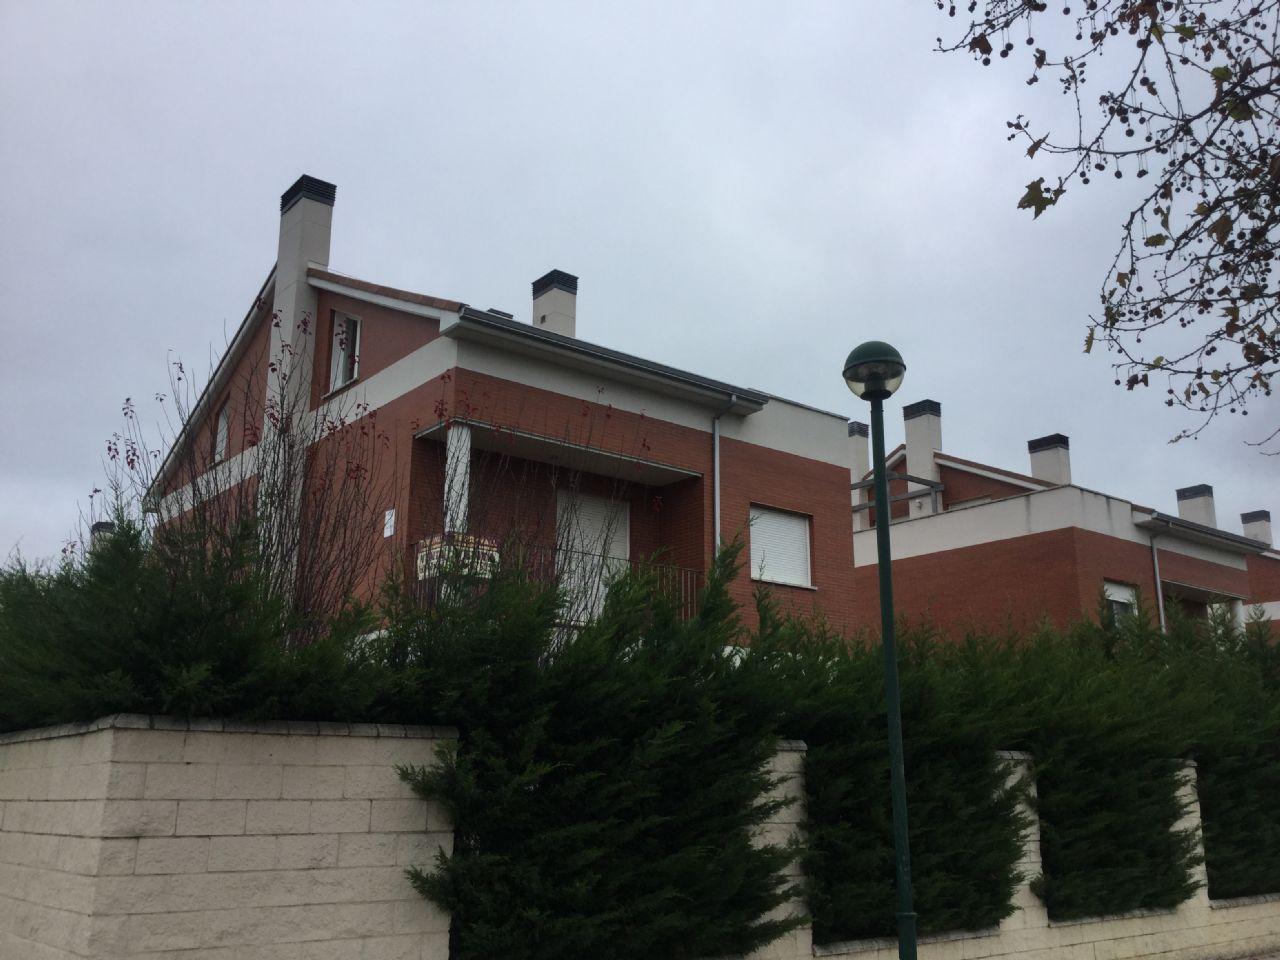 Casa / Chalet en Valladolid, COVARESA, venta